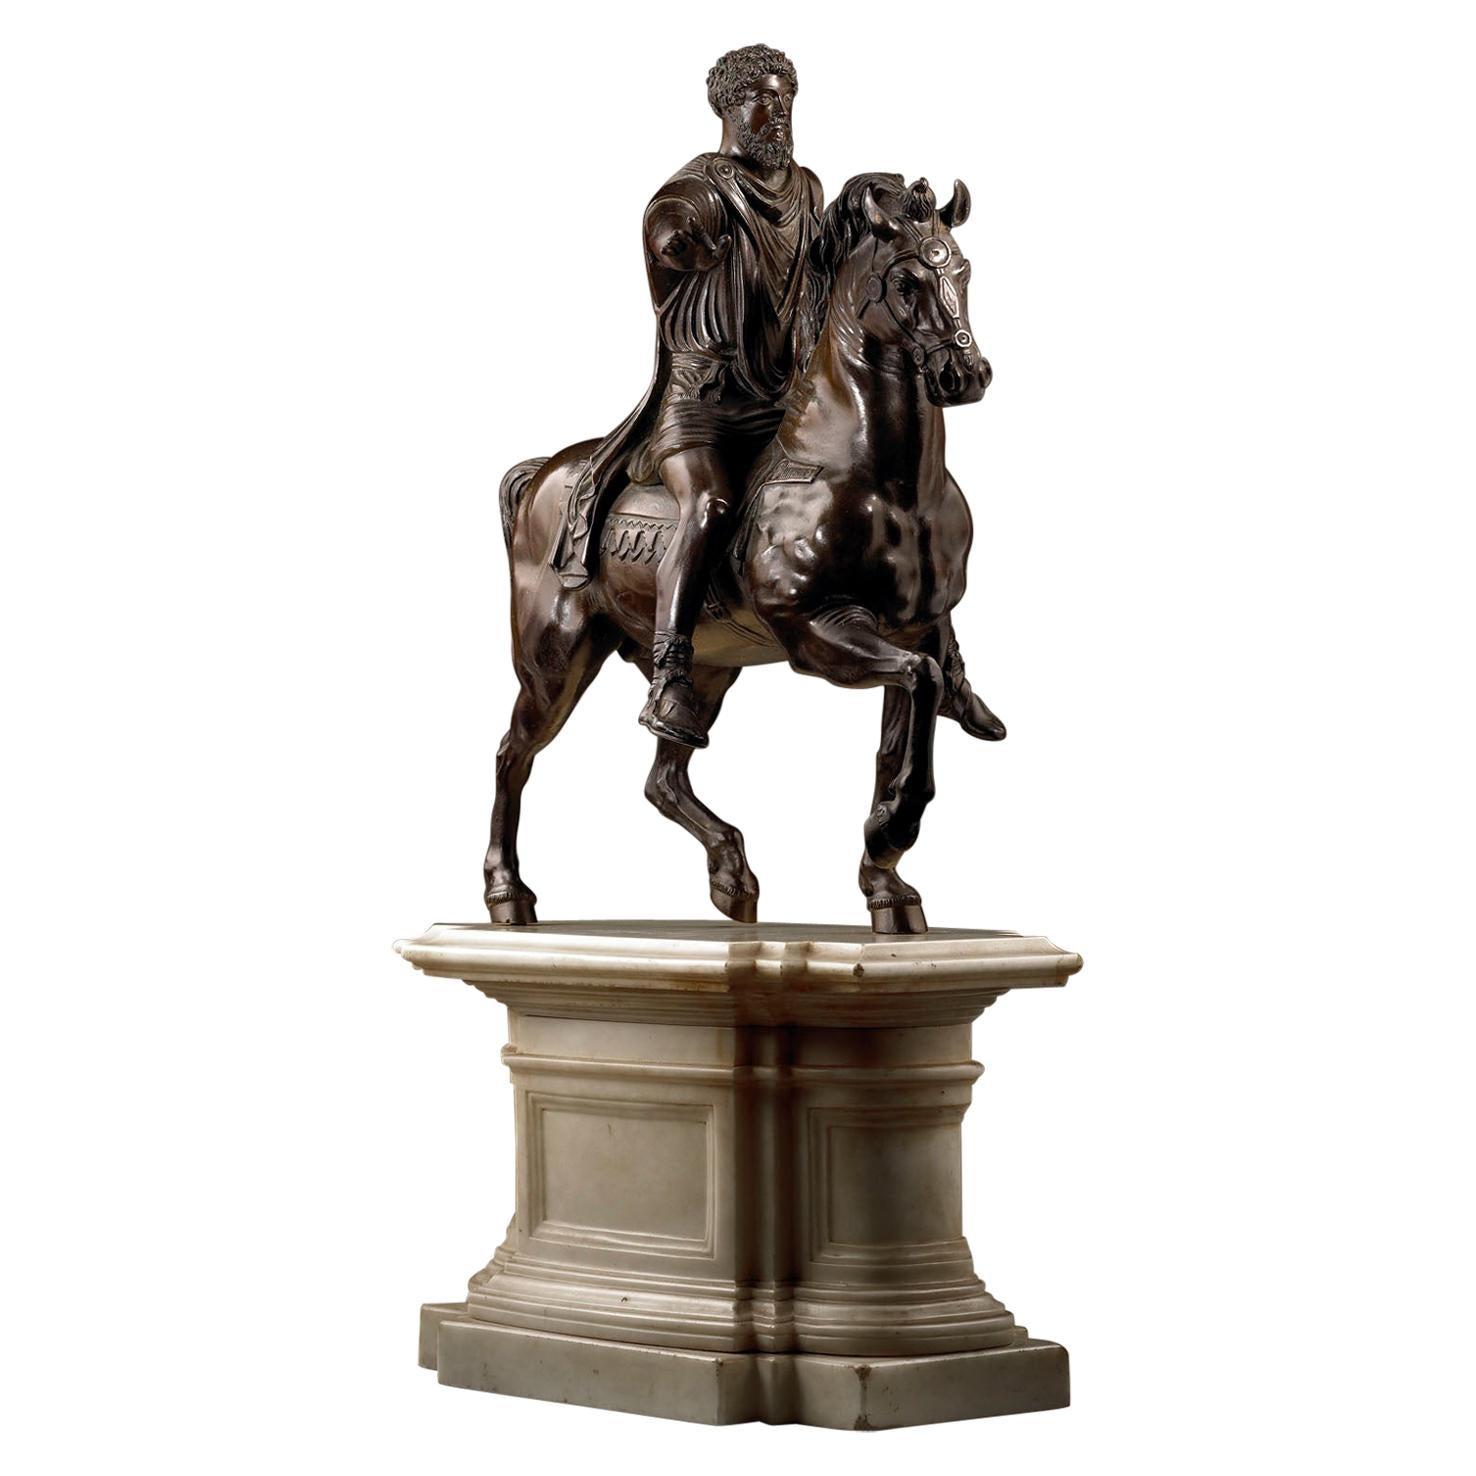 Equestrian Bronze Statue of Roman Emperor Marcus Aurelius